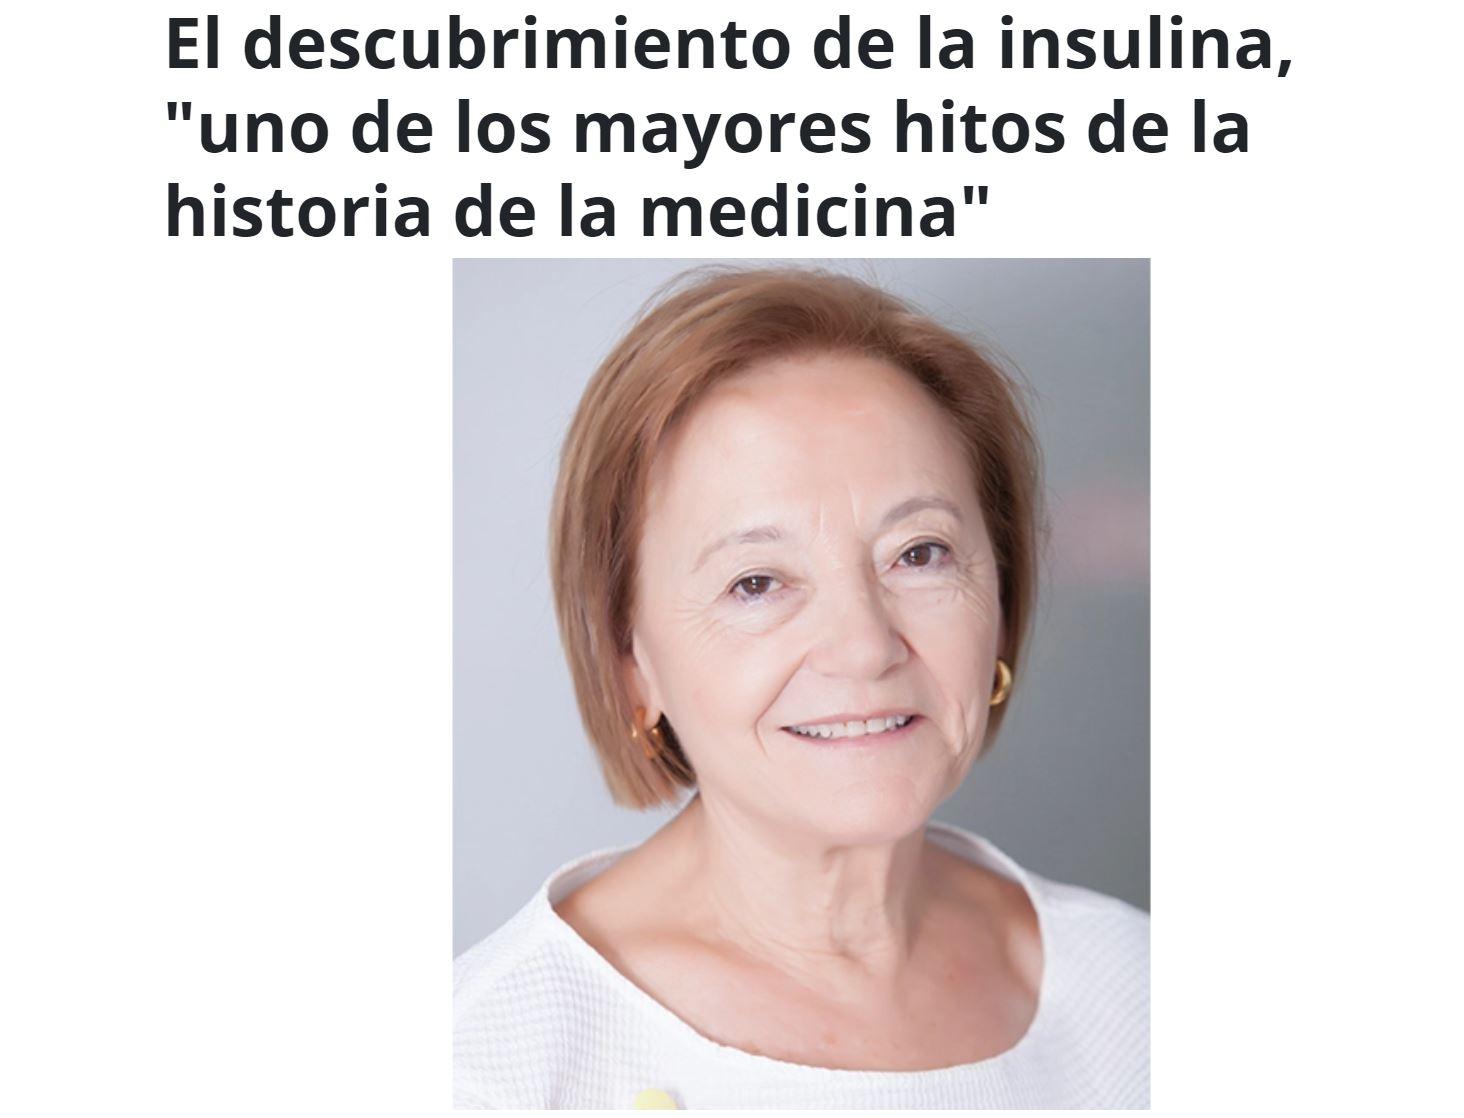 100 años descubrimiento insulina